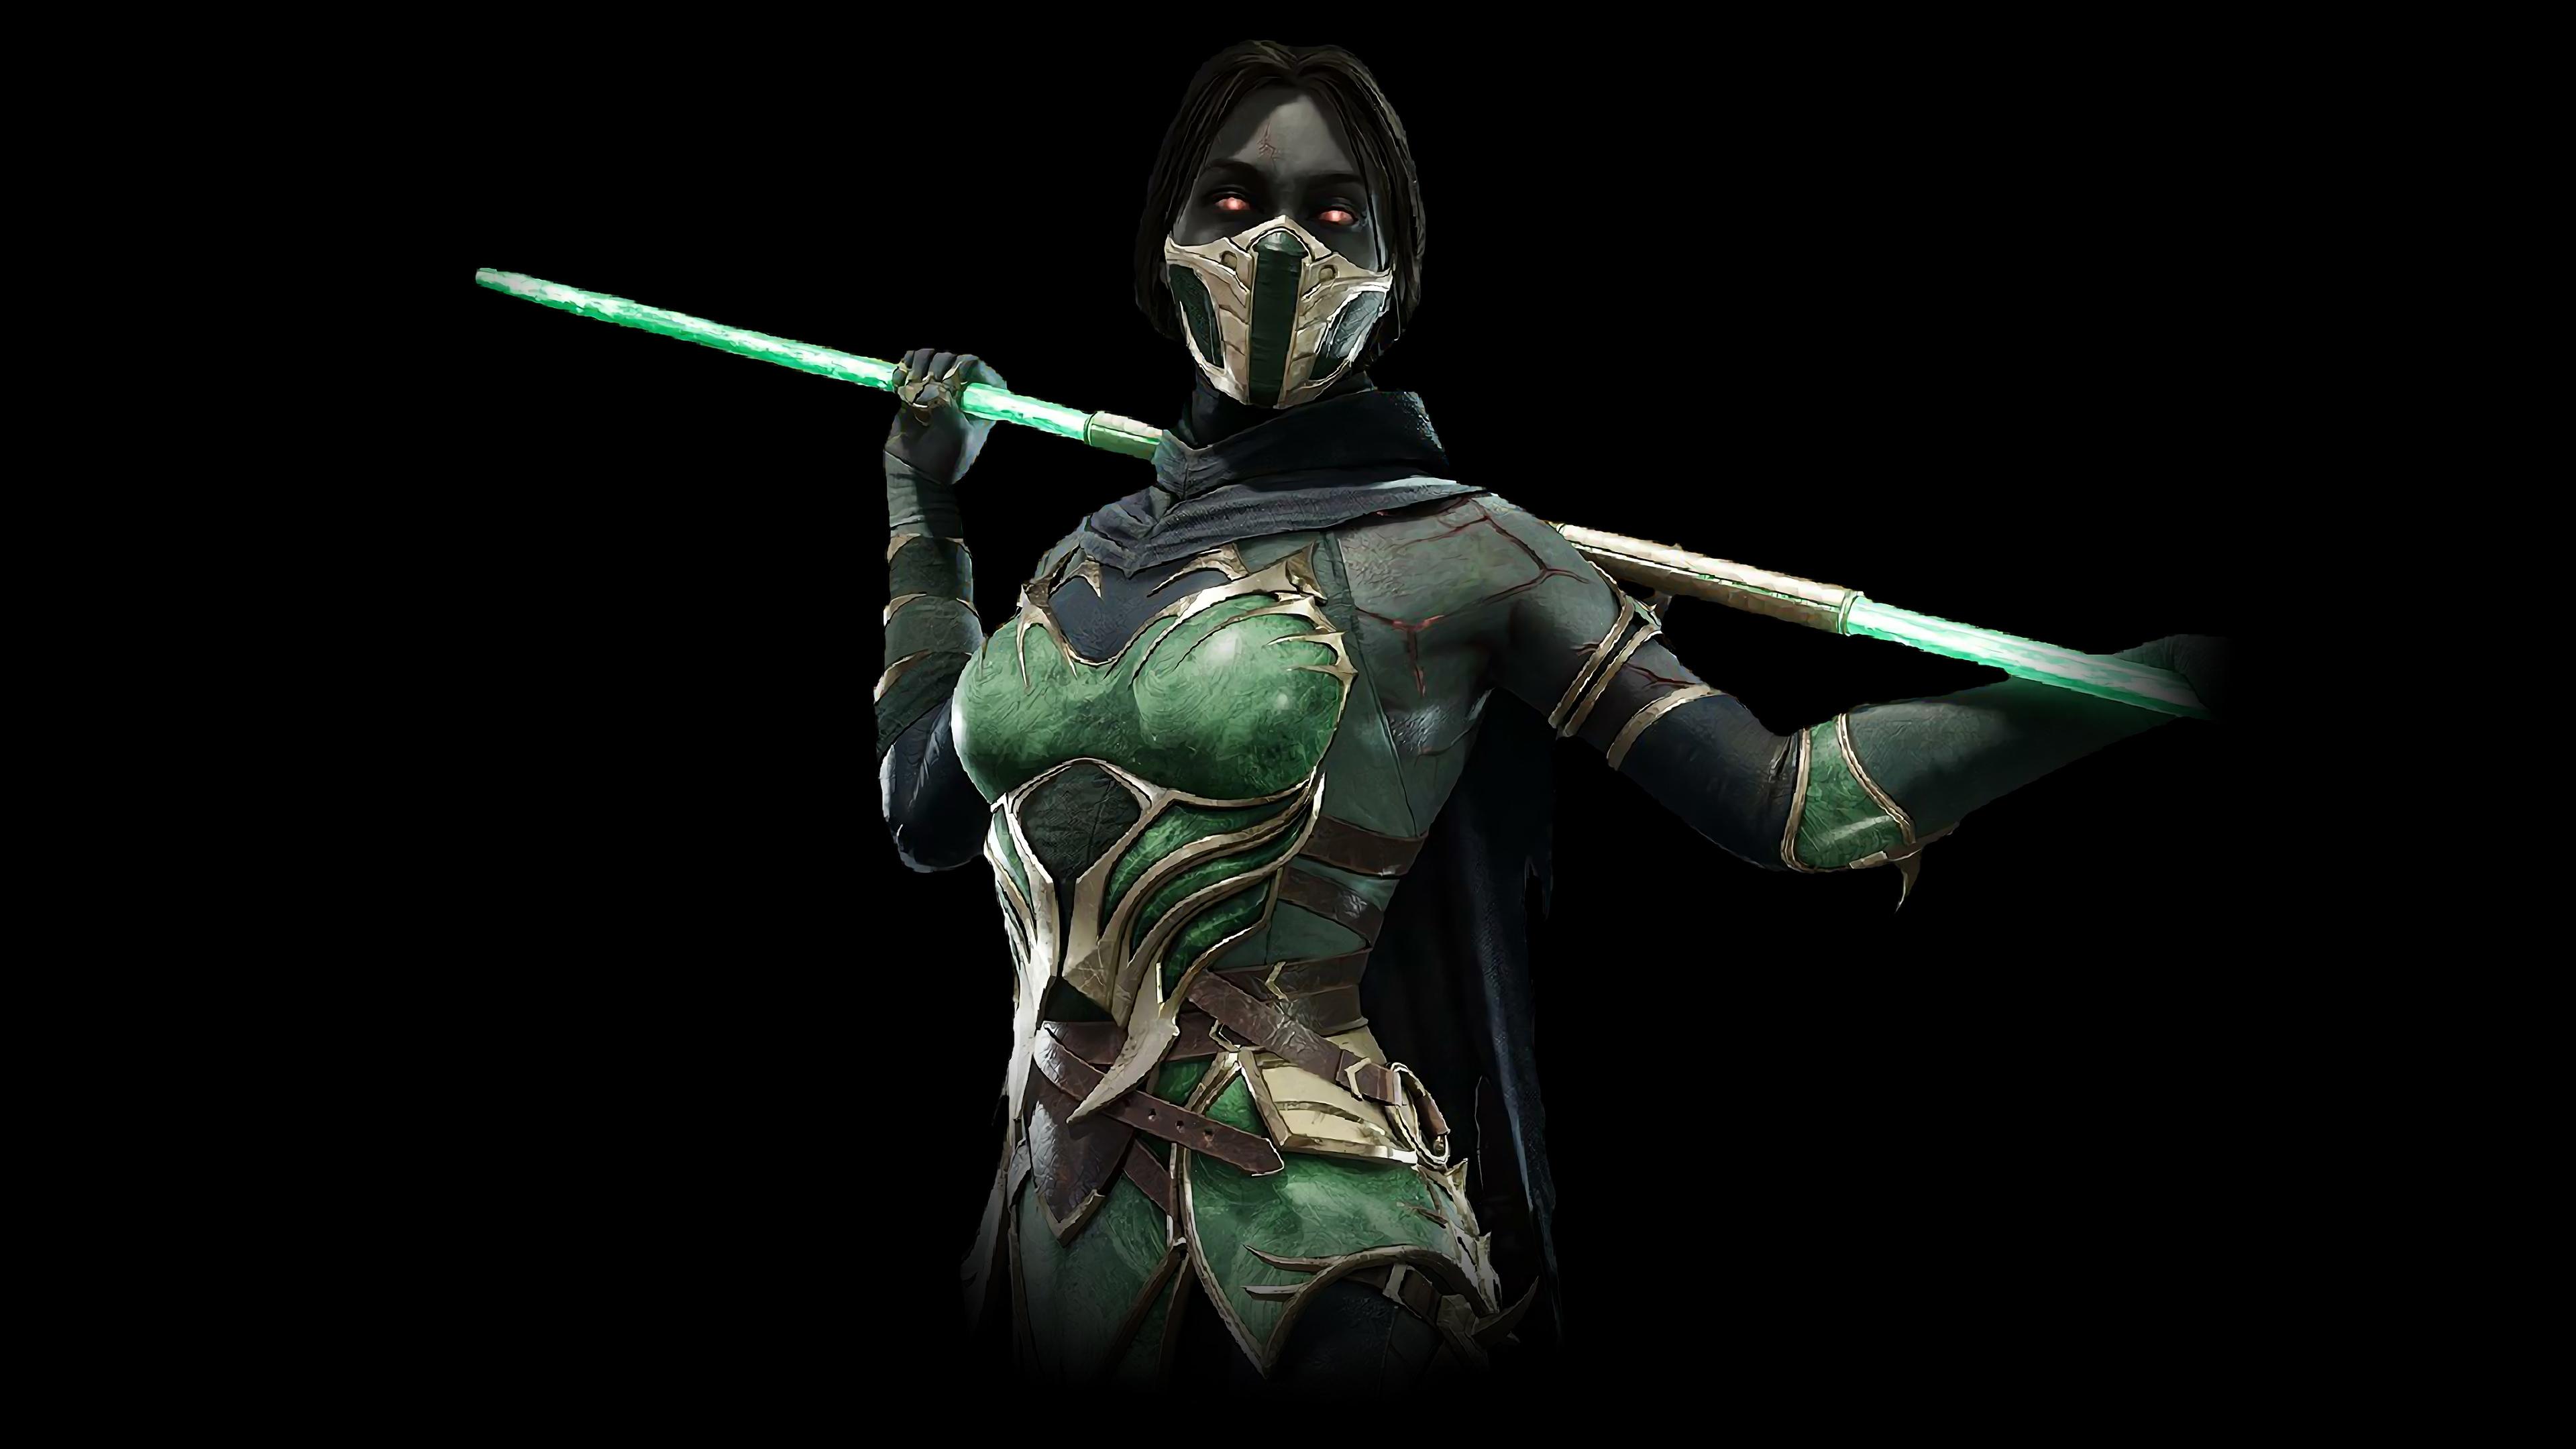 4k jade mortal kombat 11 photo hd games 4k wallpapers - Mortal kombat 11 wallpaper ...